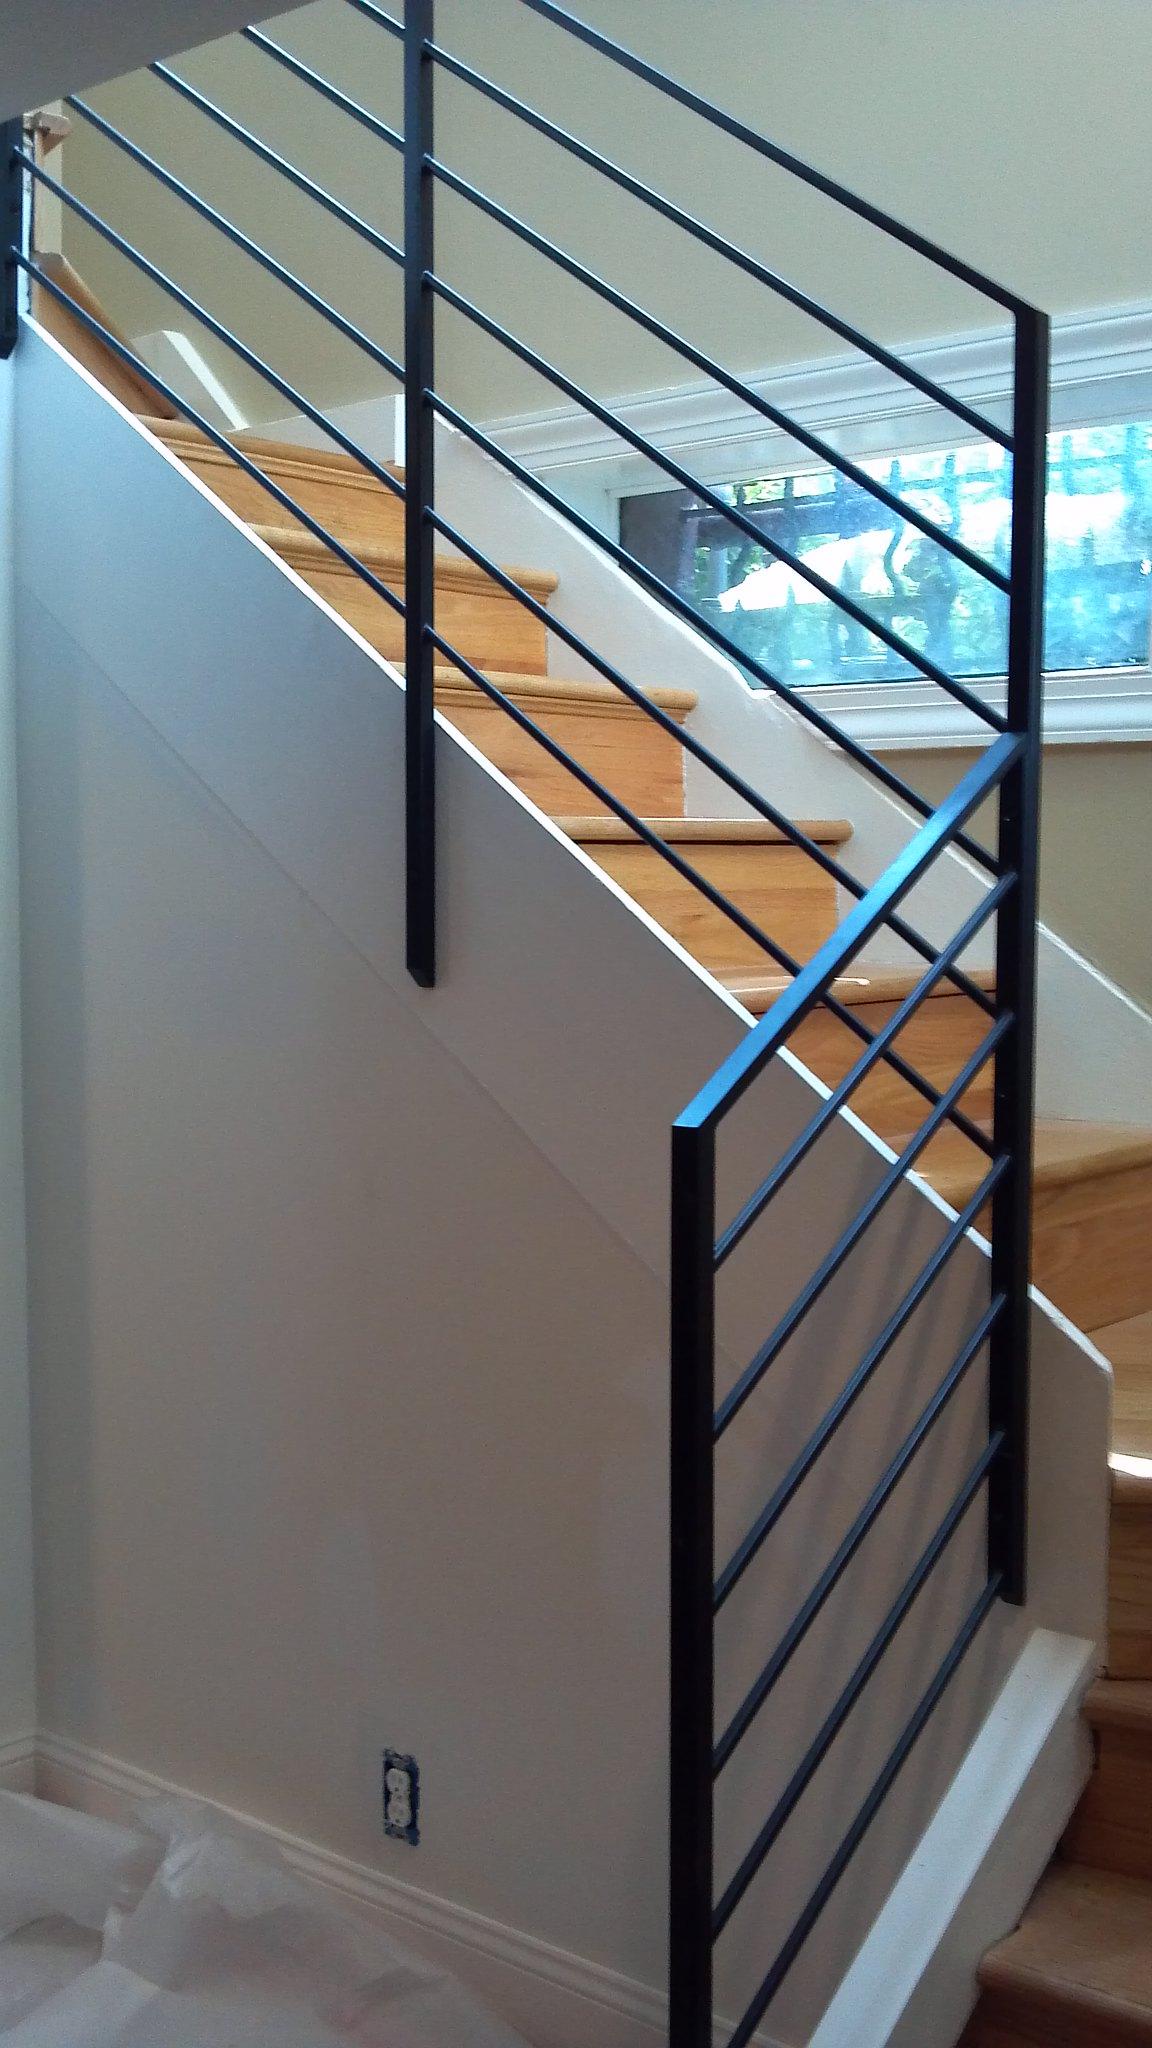 Xưởng làm mẫu tay vịn cầu thang sắt 1308 đẹp và giá rẻ tại TpHCM